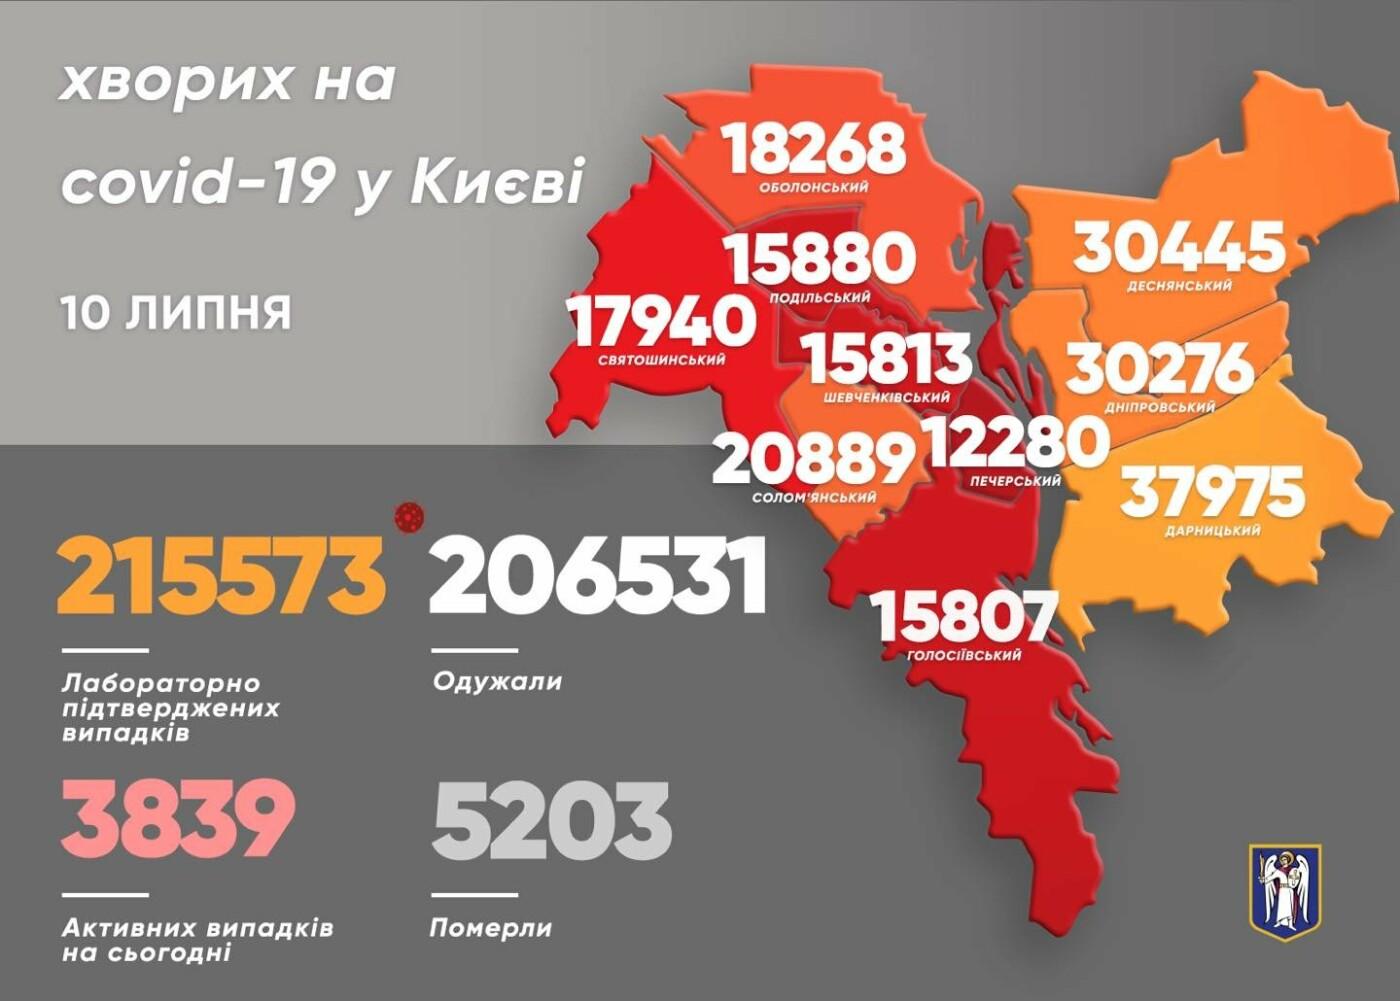 Статистика на 10 июля, Картинка: Виталий Кличко